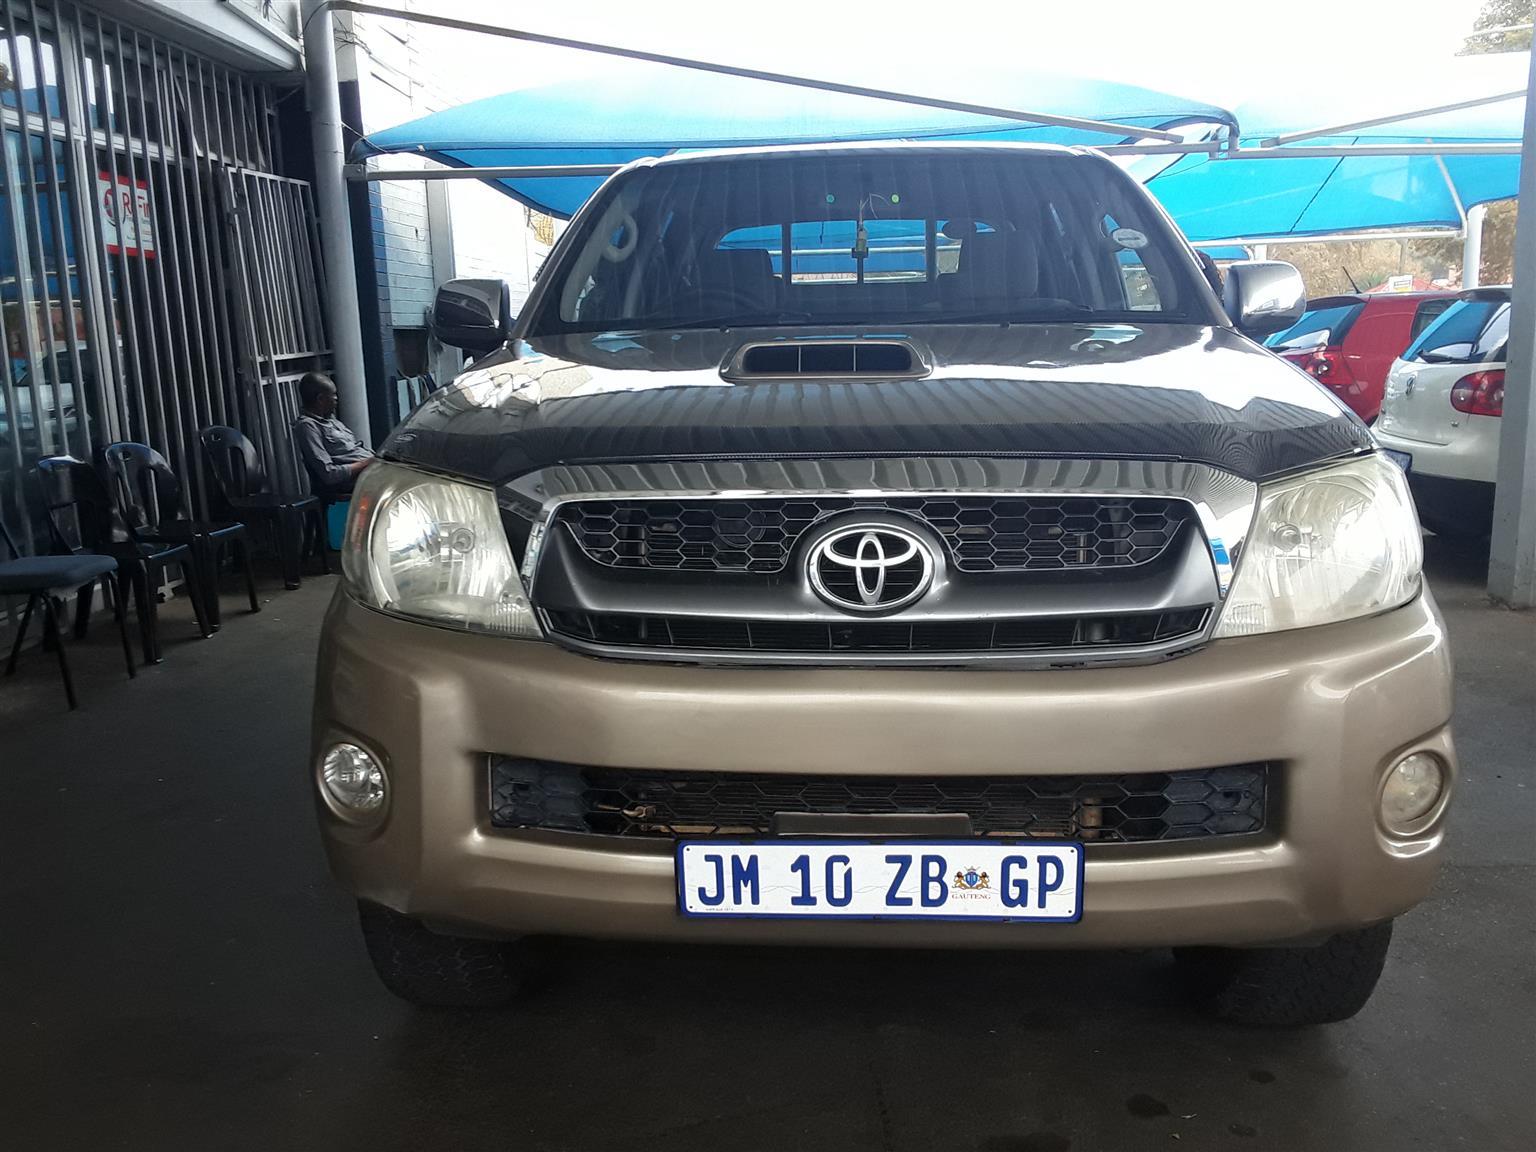 2010 Toyota Hilux 3.0D 4D double cab 4x4 Raider